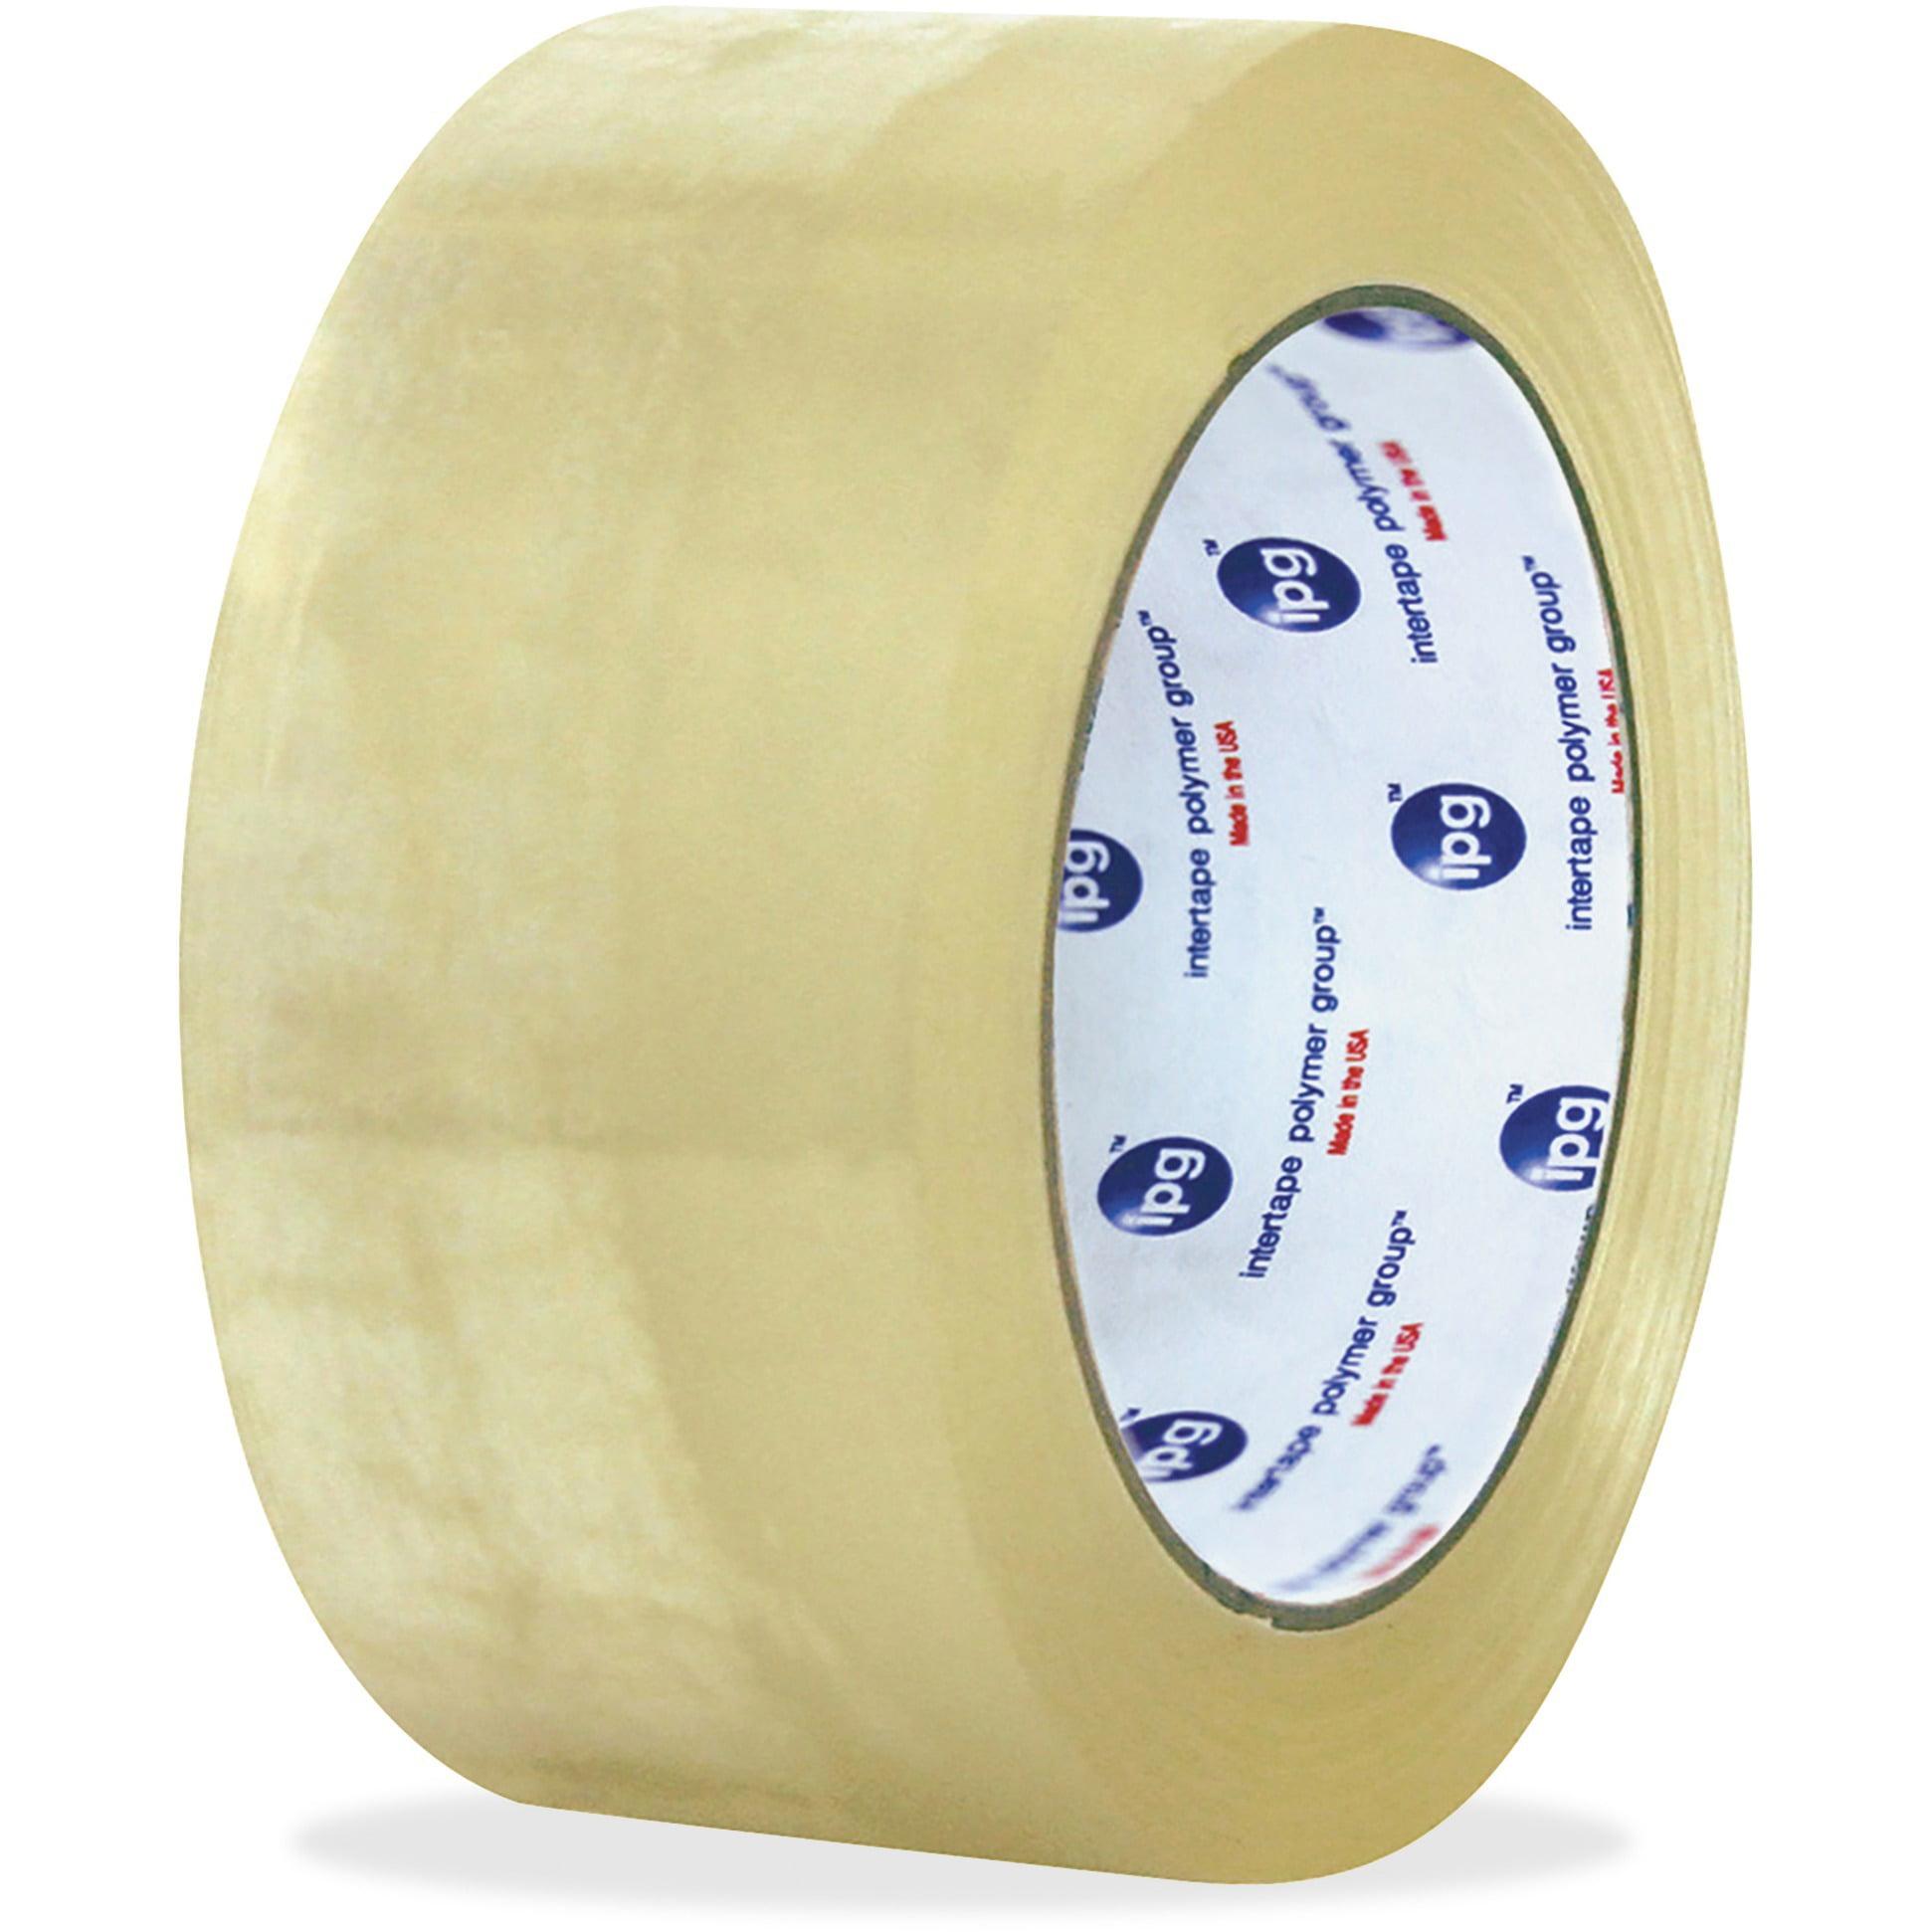 ipg, IPGF403005, Hot Melt Carton Sealing Tape, 6 / Carton, Clear